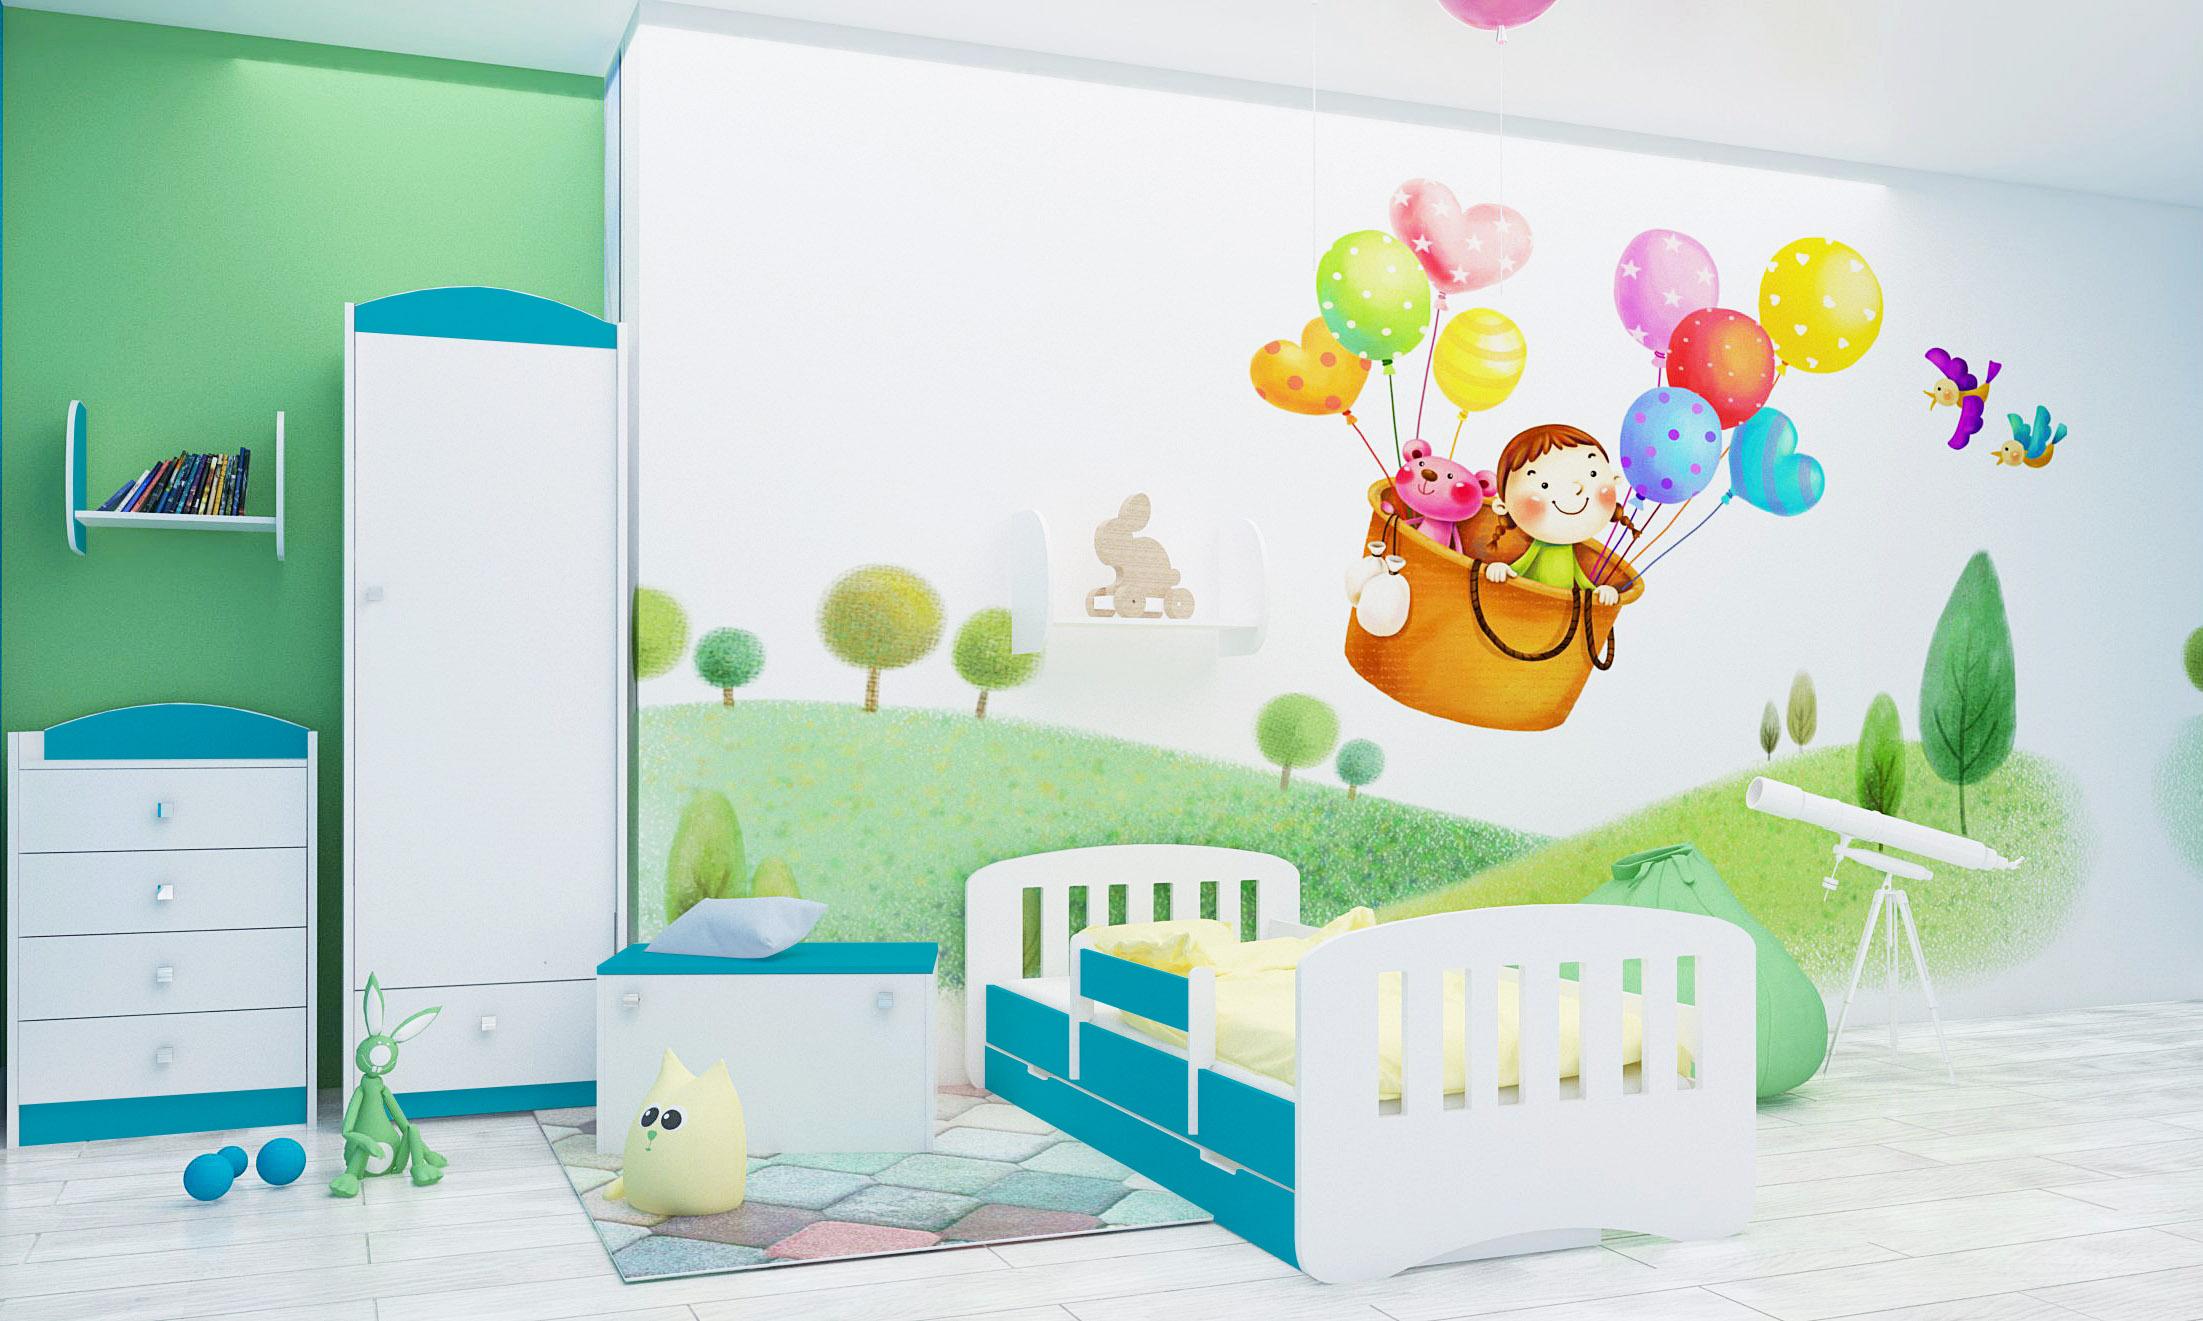 Happy Babies Detská posteľ Happy dizajn/čiarky Farba: Modrá / biela, Prevedenie: L04 / 80 x 160 cm /S úložným priestorom, Obrázok: Čiarky